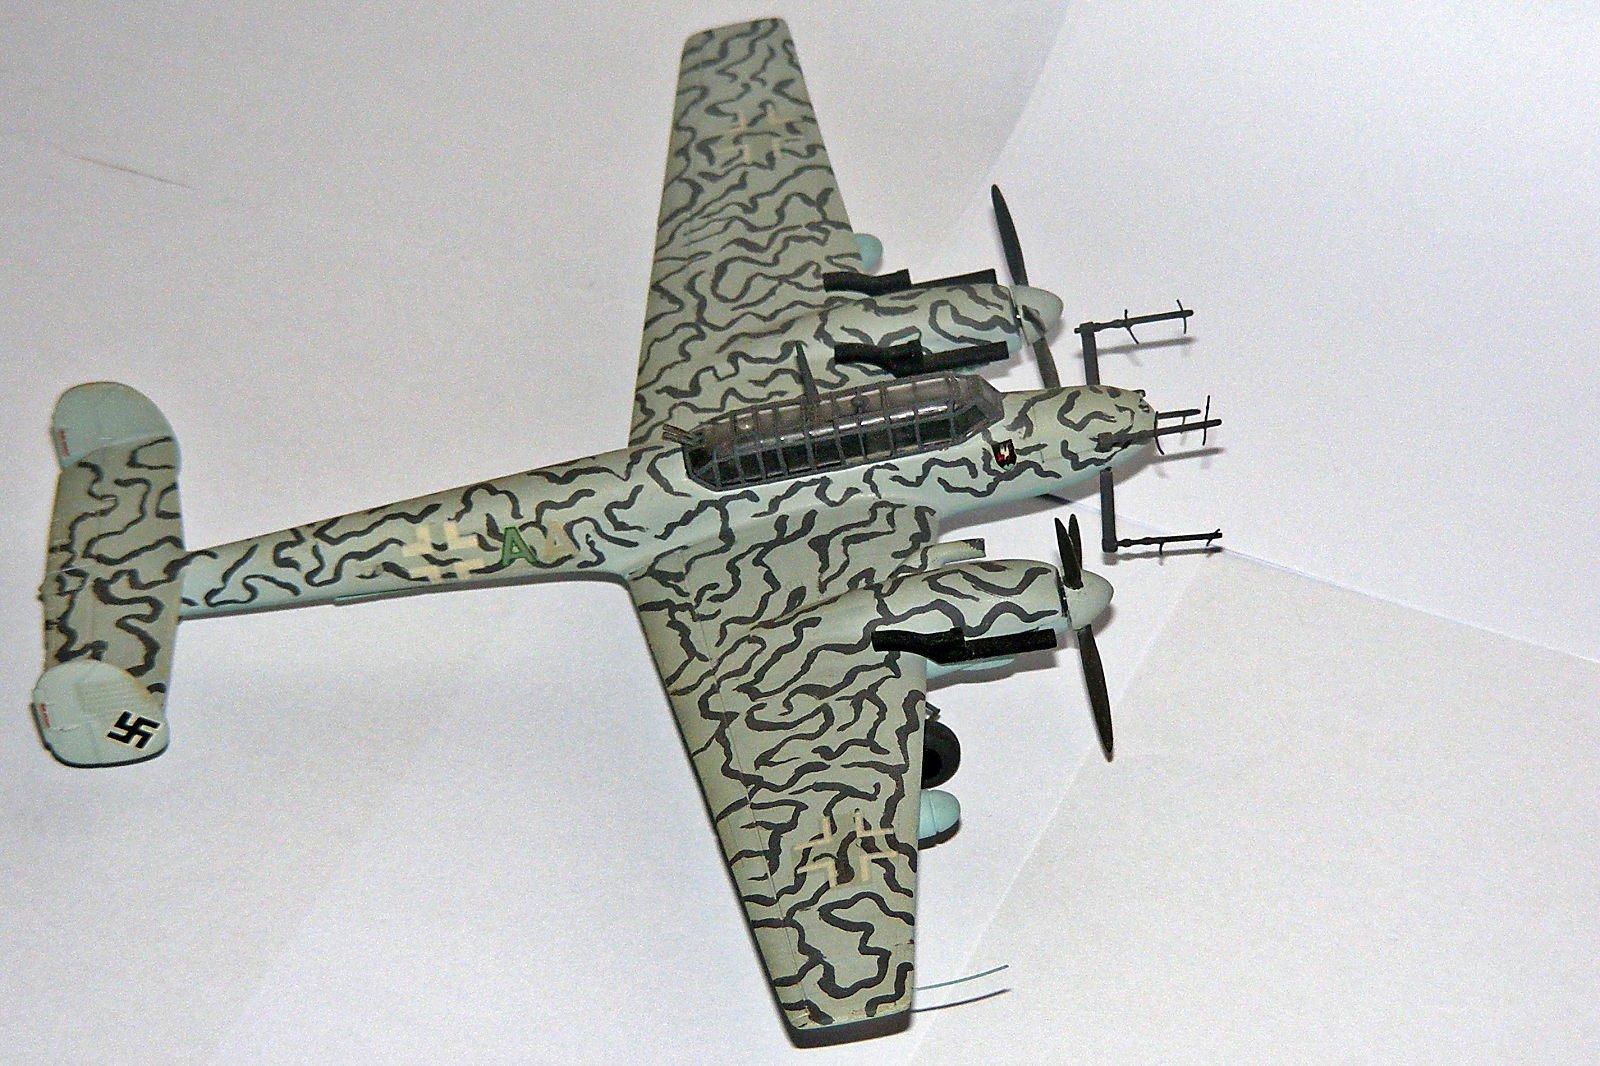 Messerschmitt Me 110G-4 Frog